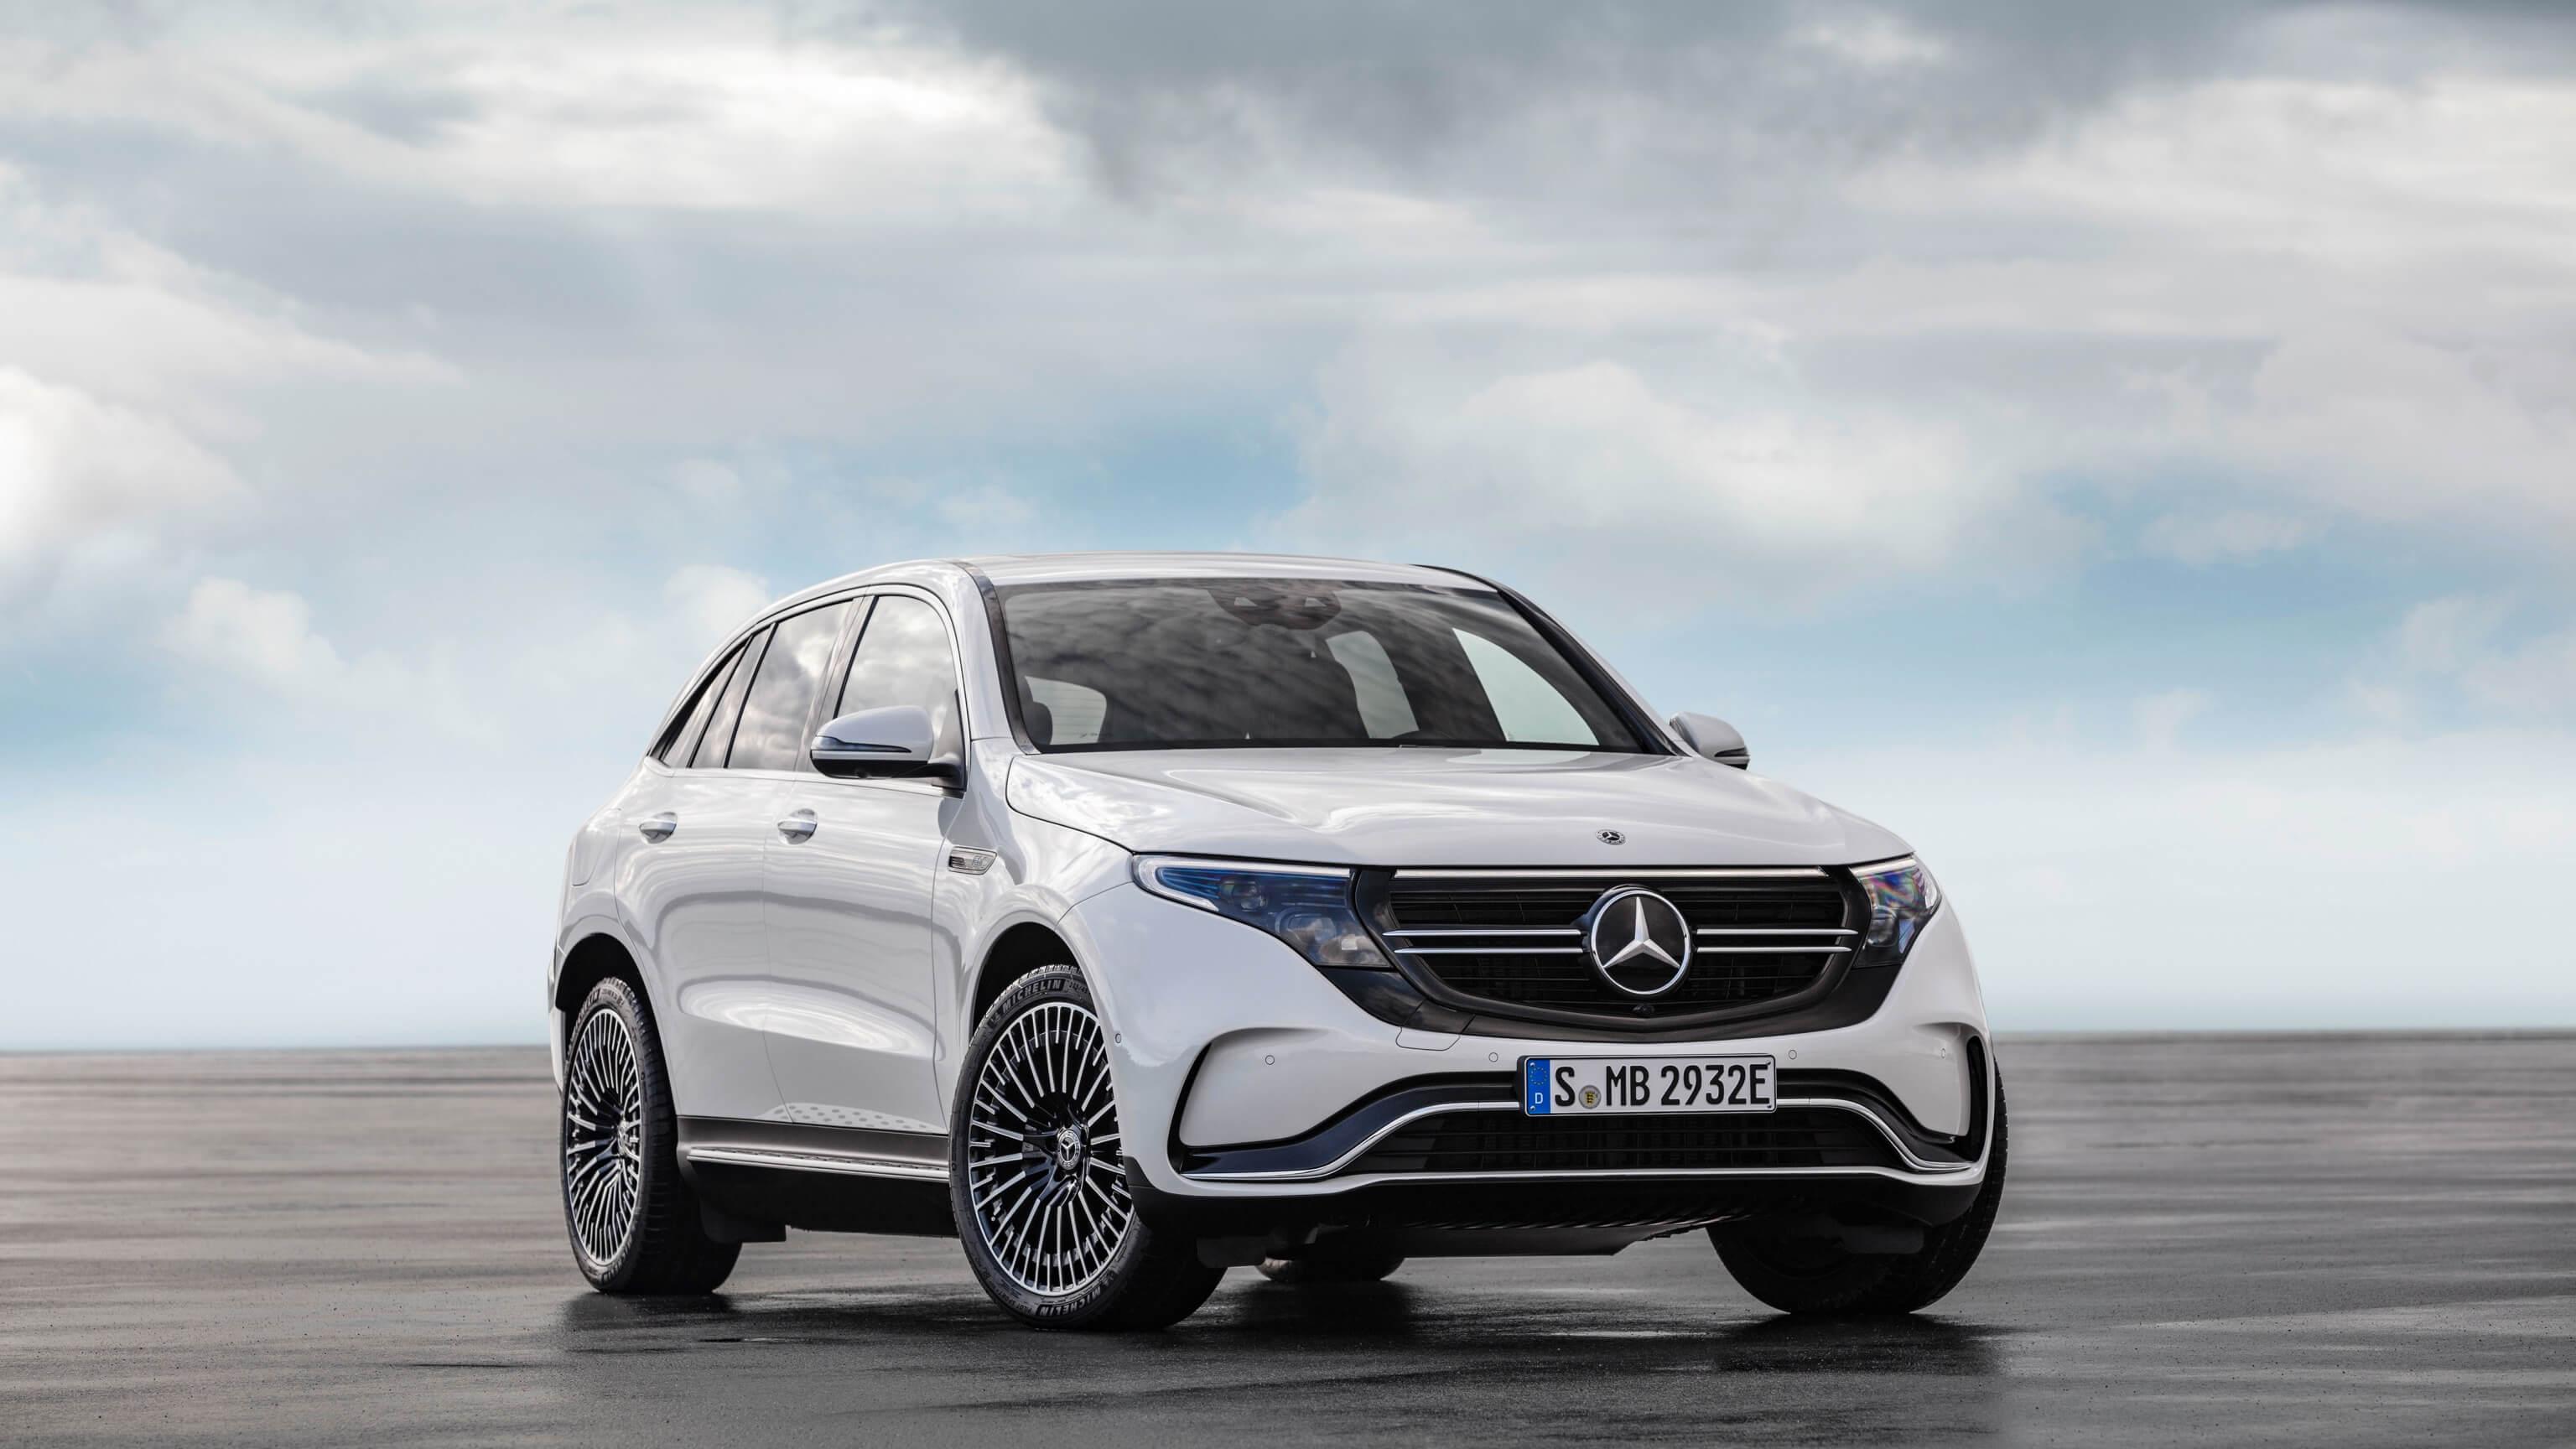 2019 Mercedes EQC 400 4Matic 80 kWh Elektrik